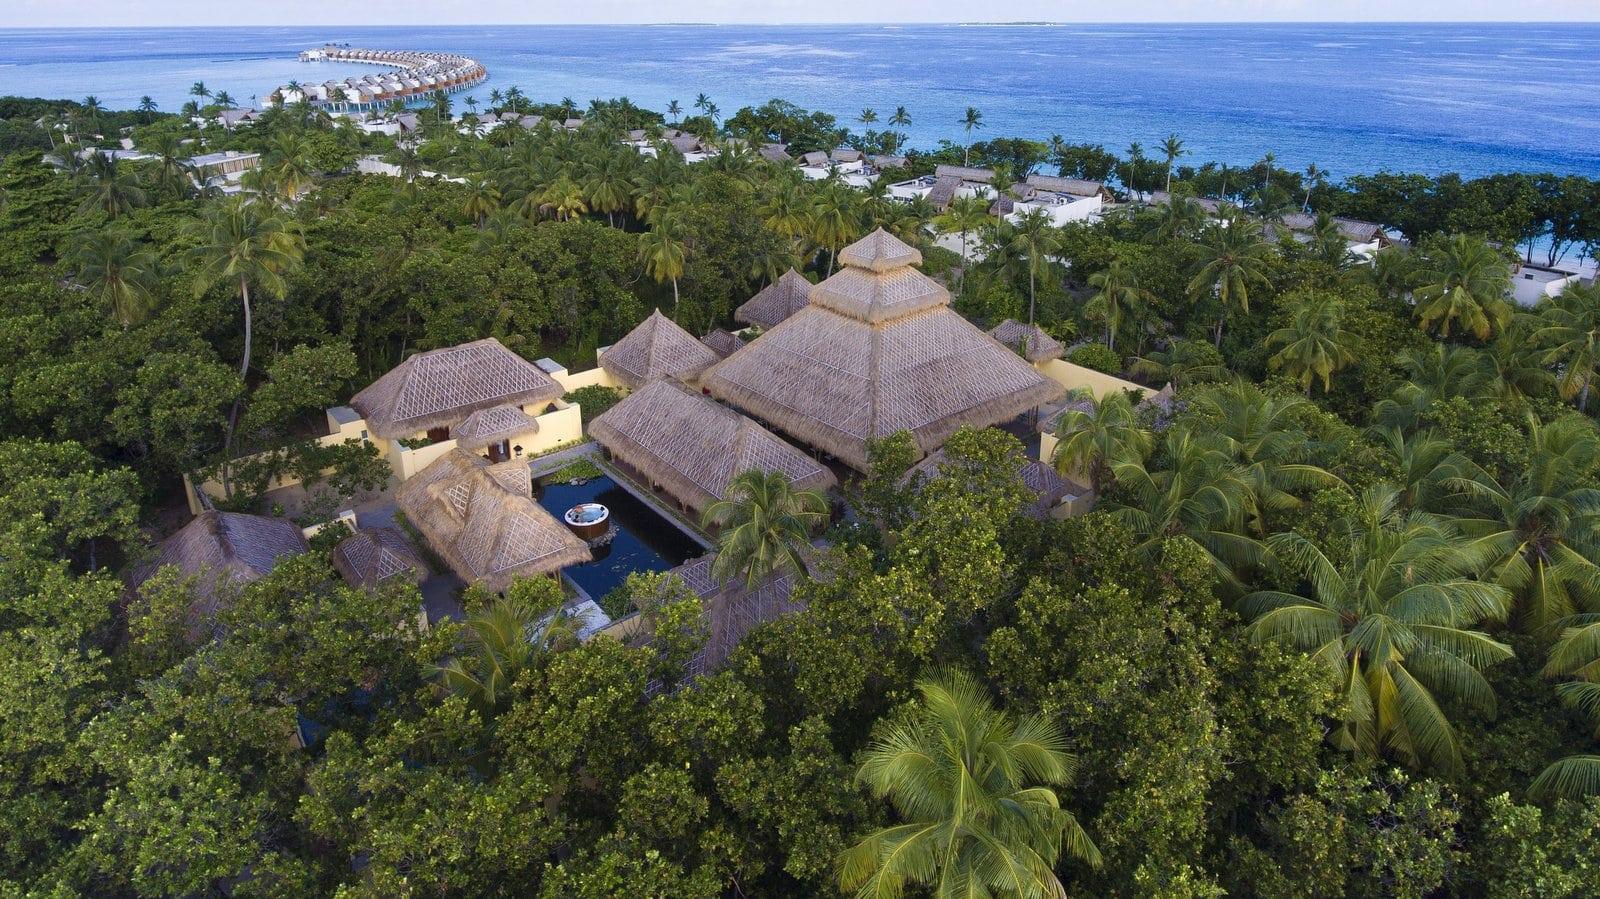 Мальдивы, отель Emerald Maldives Resort & Spa